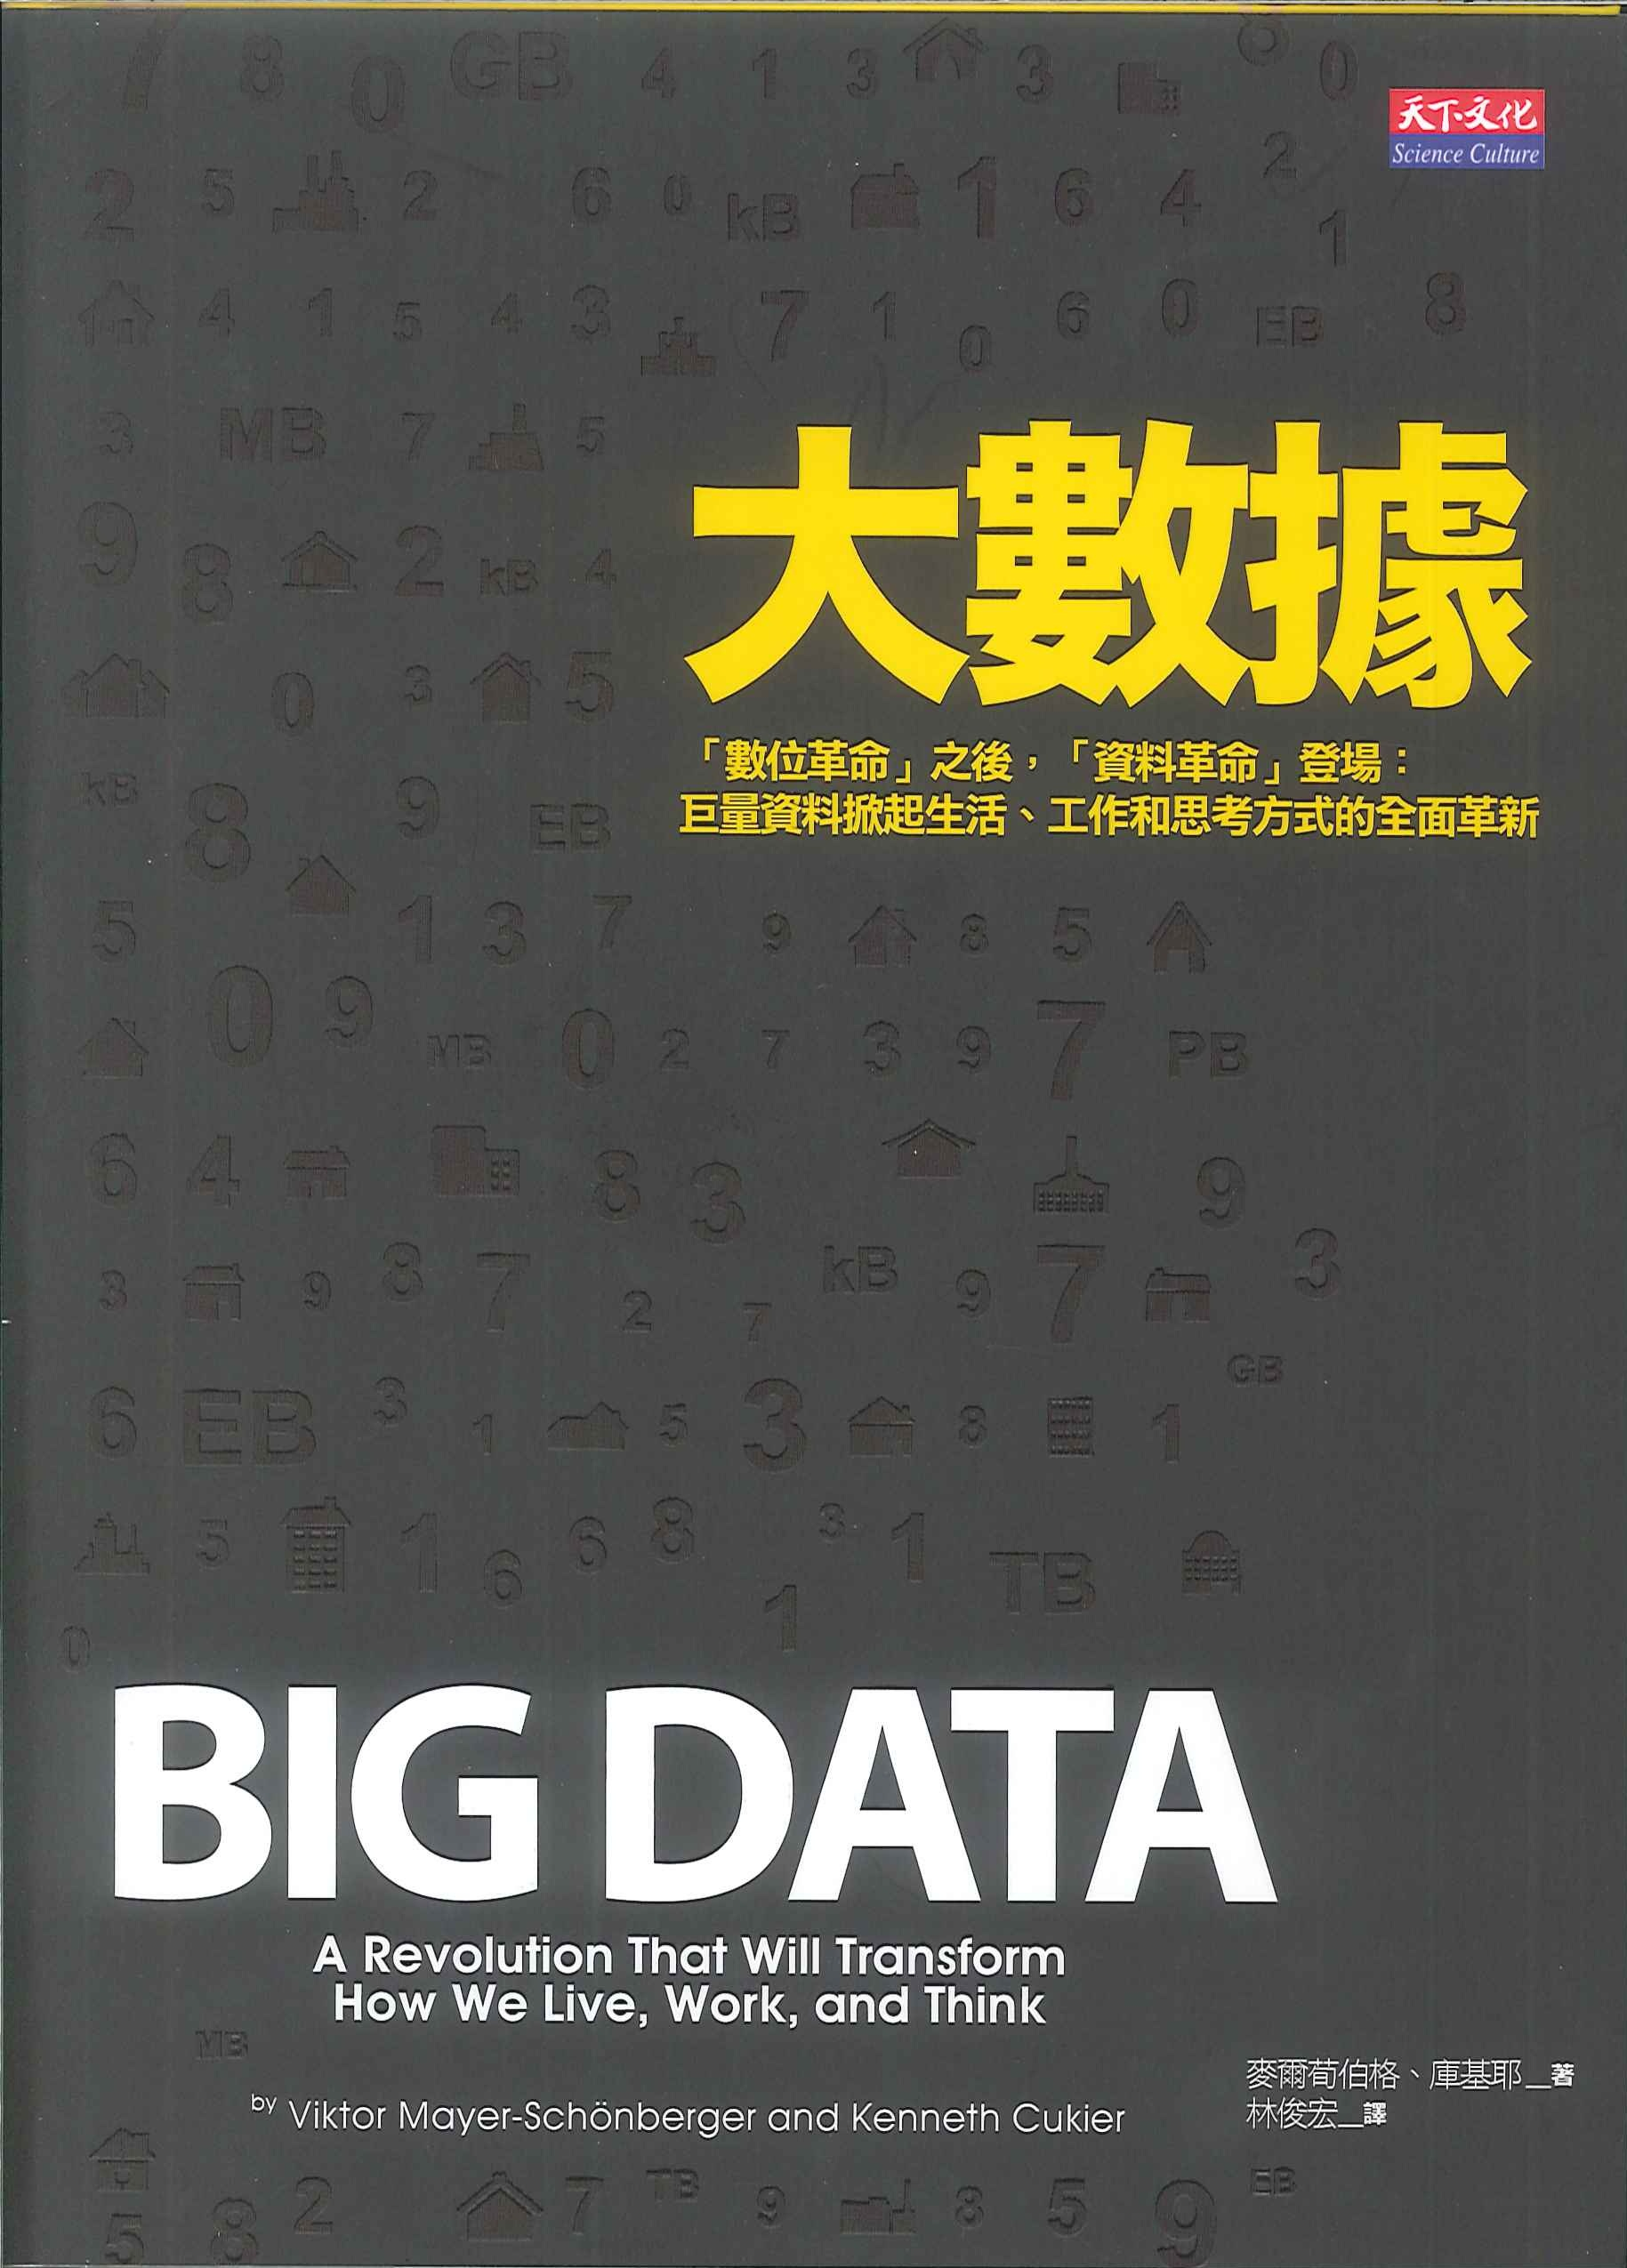 大數據:「數位革命」之後,「資料革命」登場:巨量資料掀起生活、工作和思考方式的全面革新